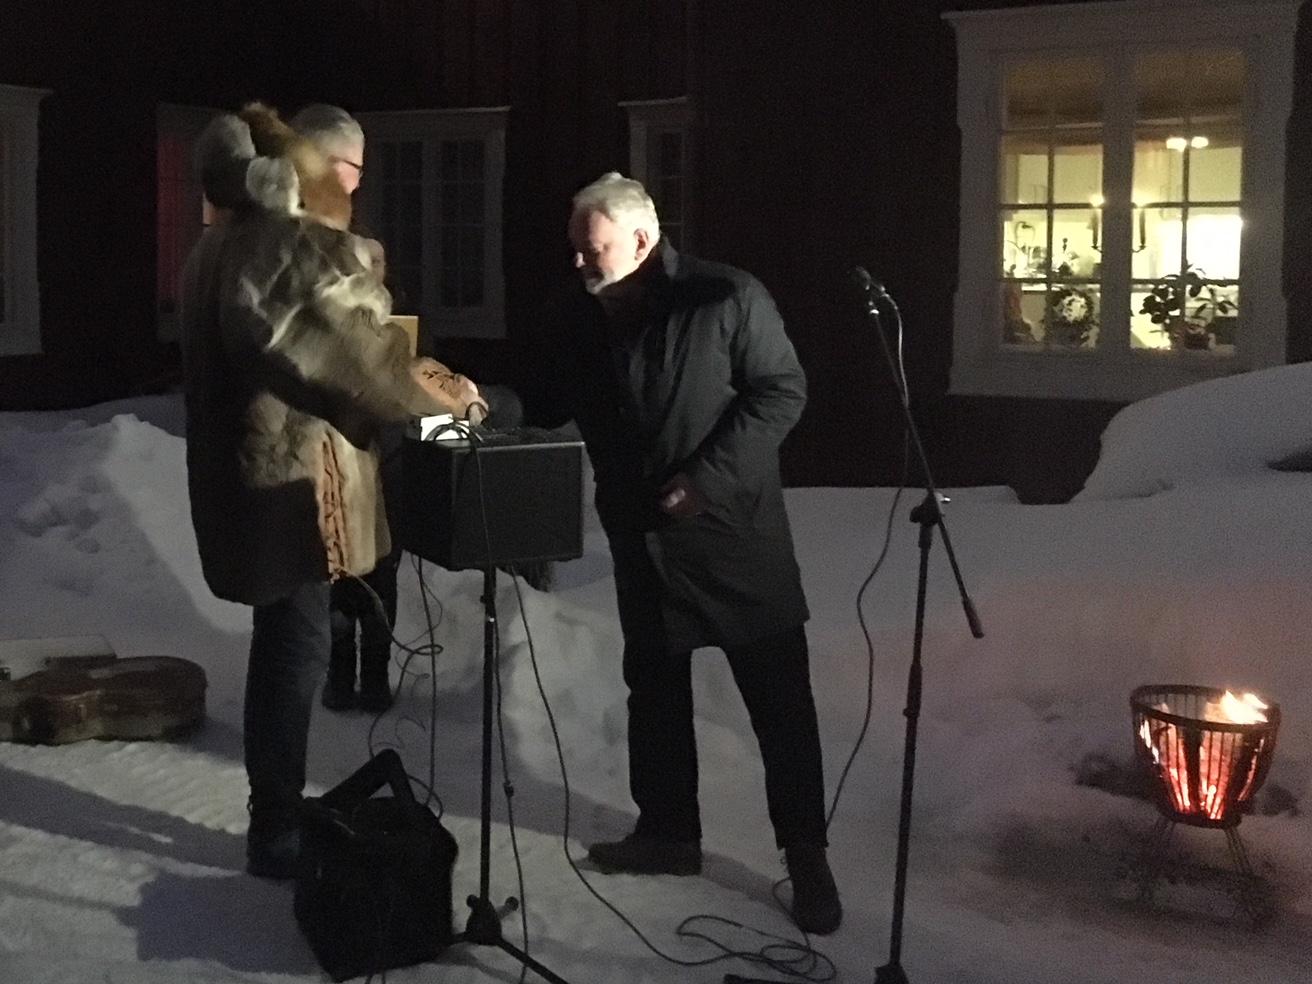 Bildet viser Jørn Holme som overrekker fredningsdiplomet til eieren av Finnegården. Foto er tatt av Marit Vestvik, Riksantikvaren